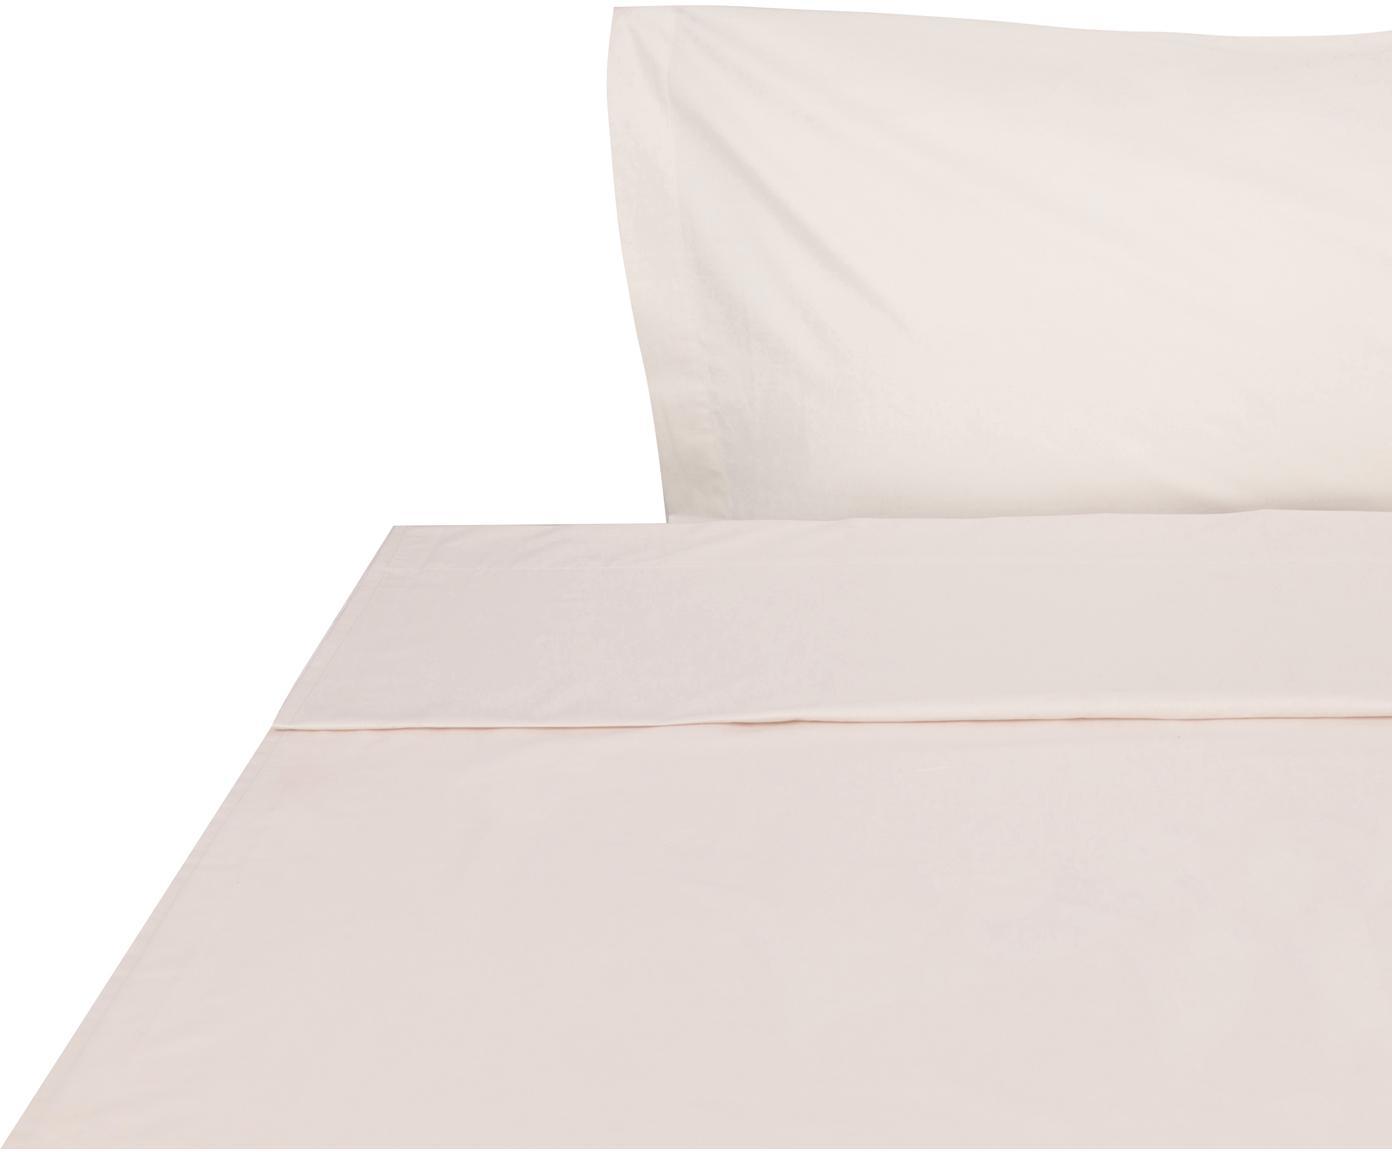 Sábana encimera Plain Dye, Algodón, Crema, Cama 90 cm (155 x 280 cm)